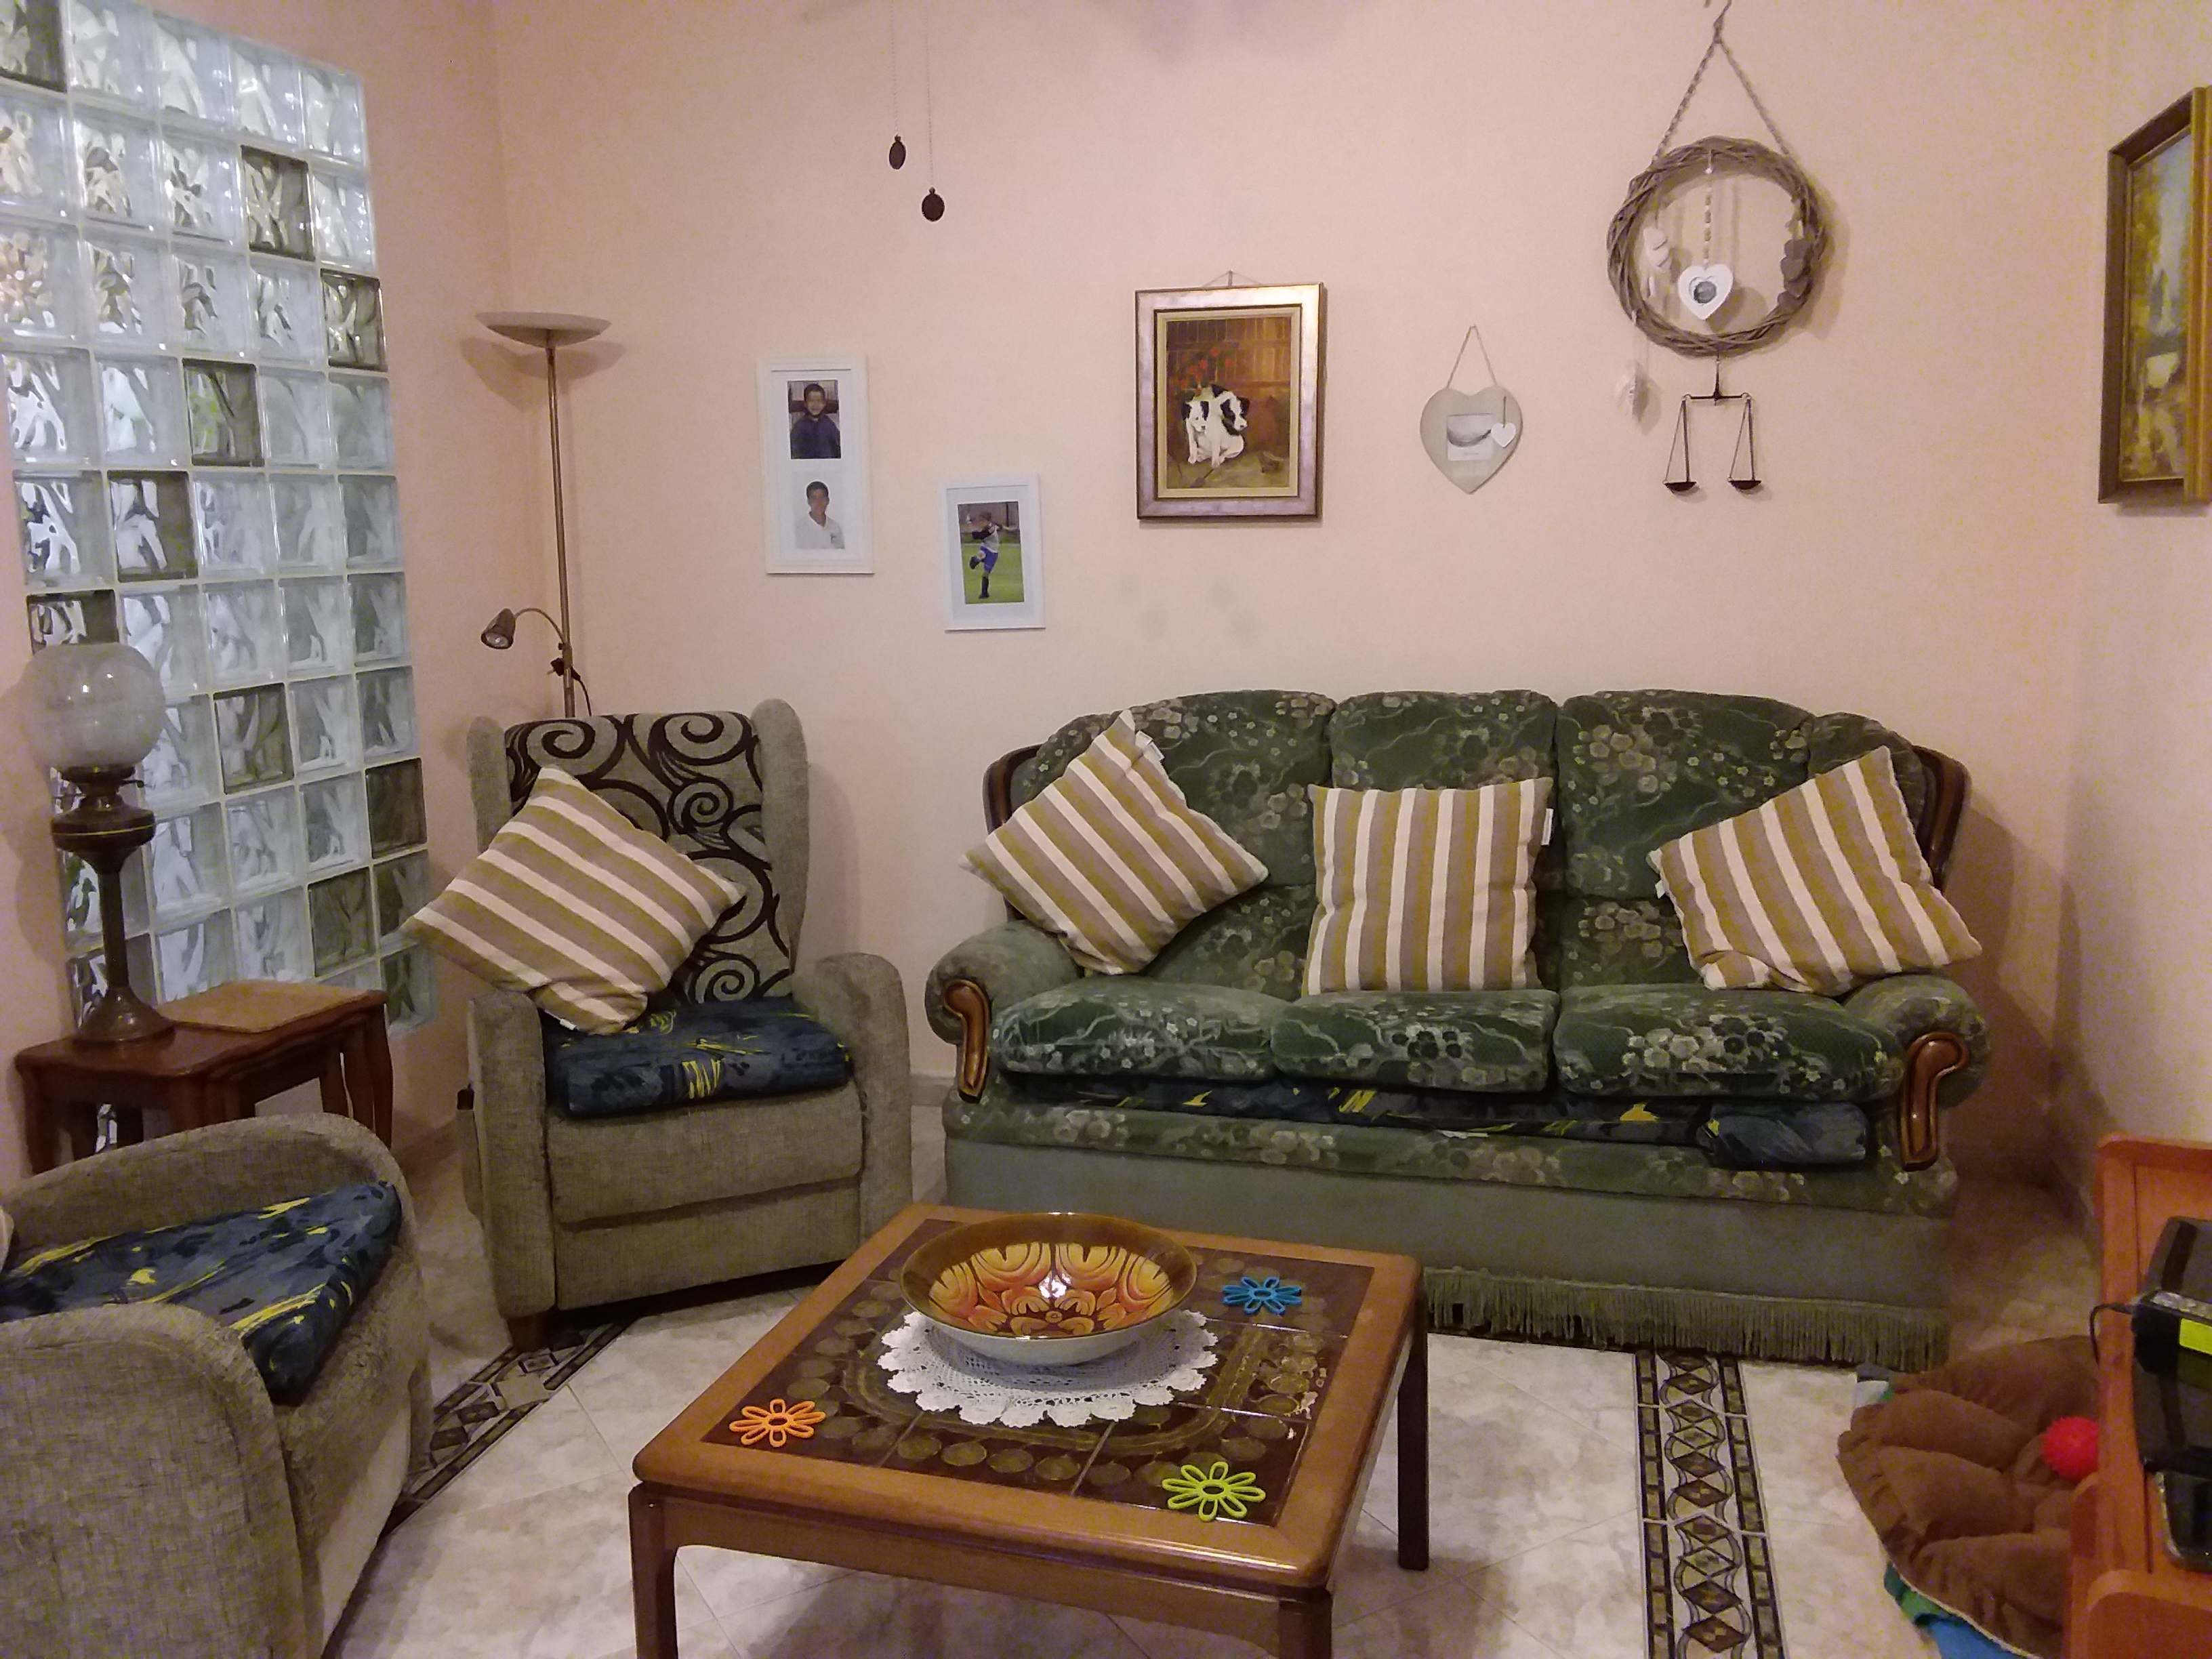 Galerie de photos - 7 - Olea-Home   Real Estate en Orba y Teulada-Moraira  